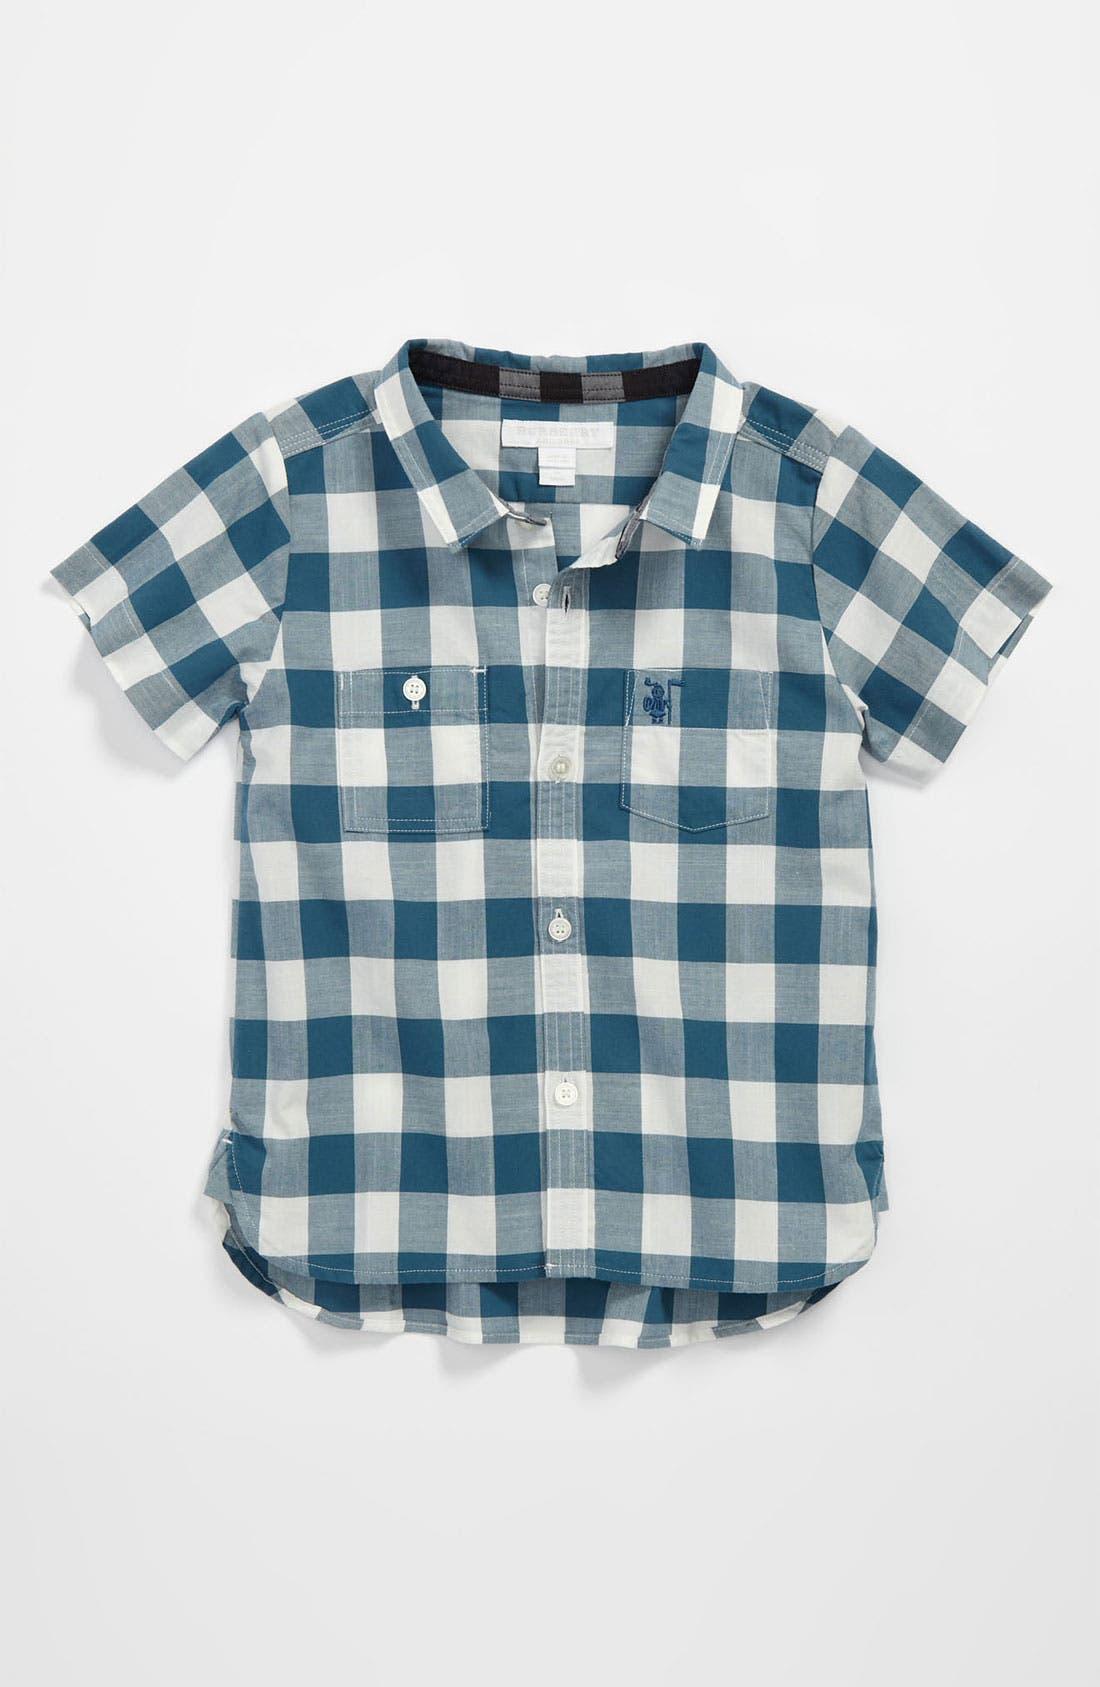 Main Image - Burberry 'Mini Rex' Woven Shirt (Toddler)